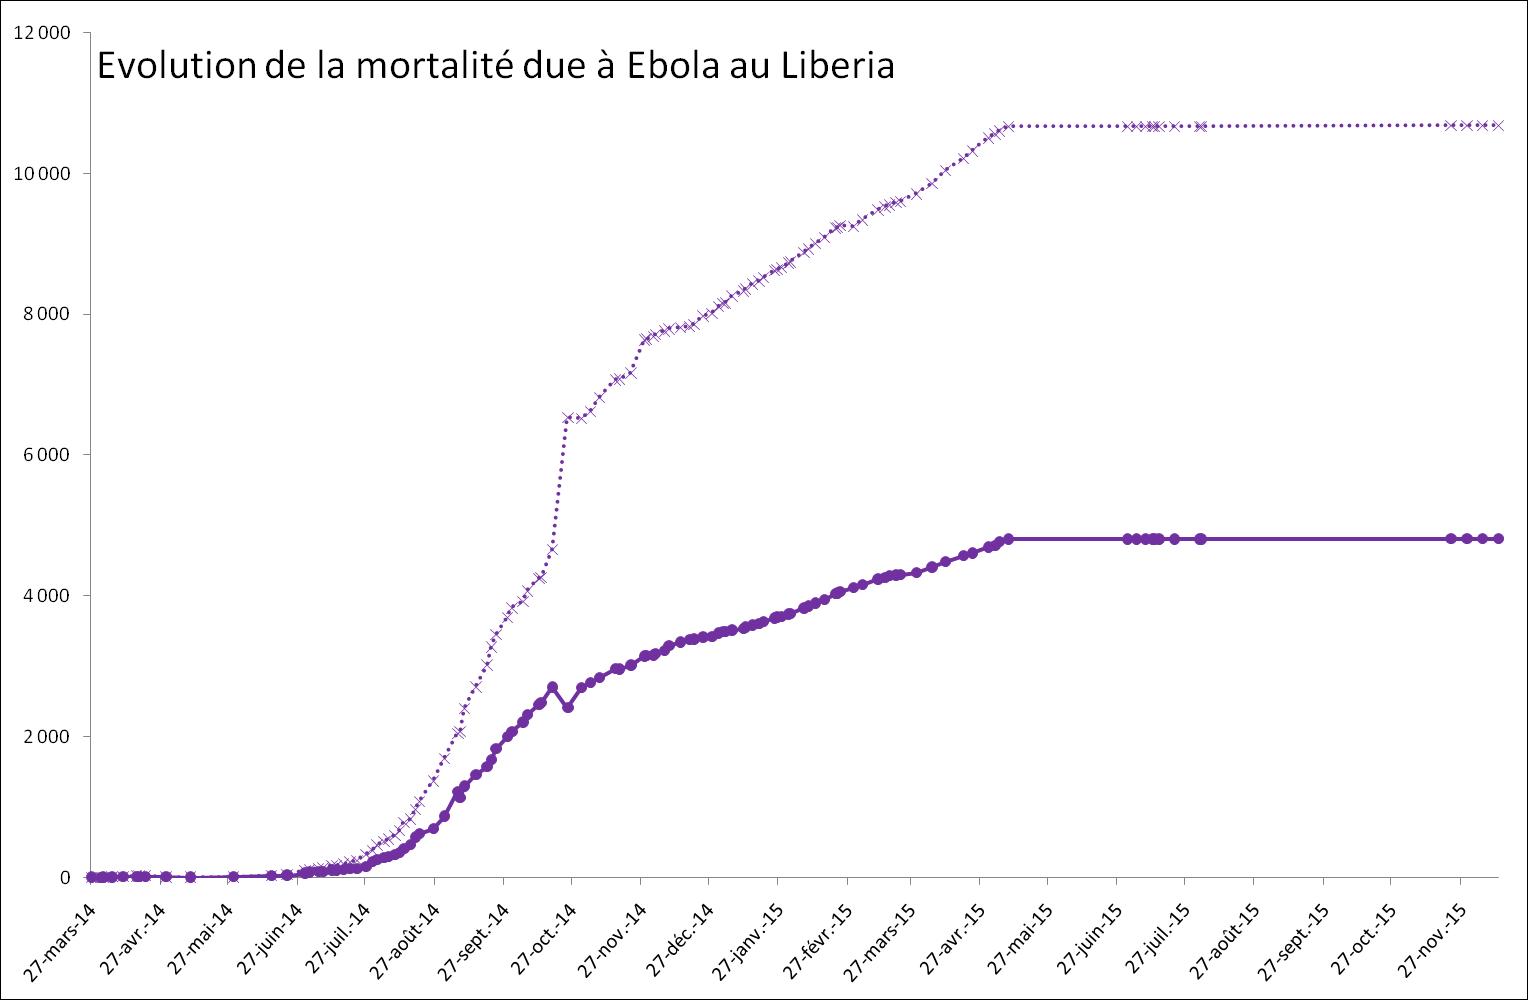 Evolution de la mortalité provoquée par Ebola au Liberia